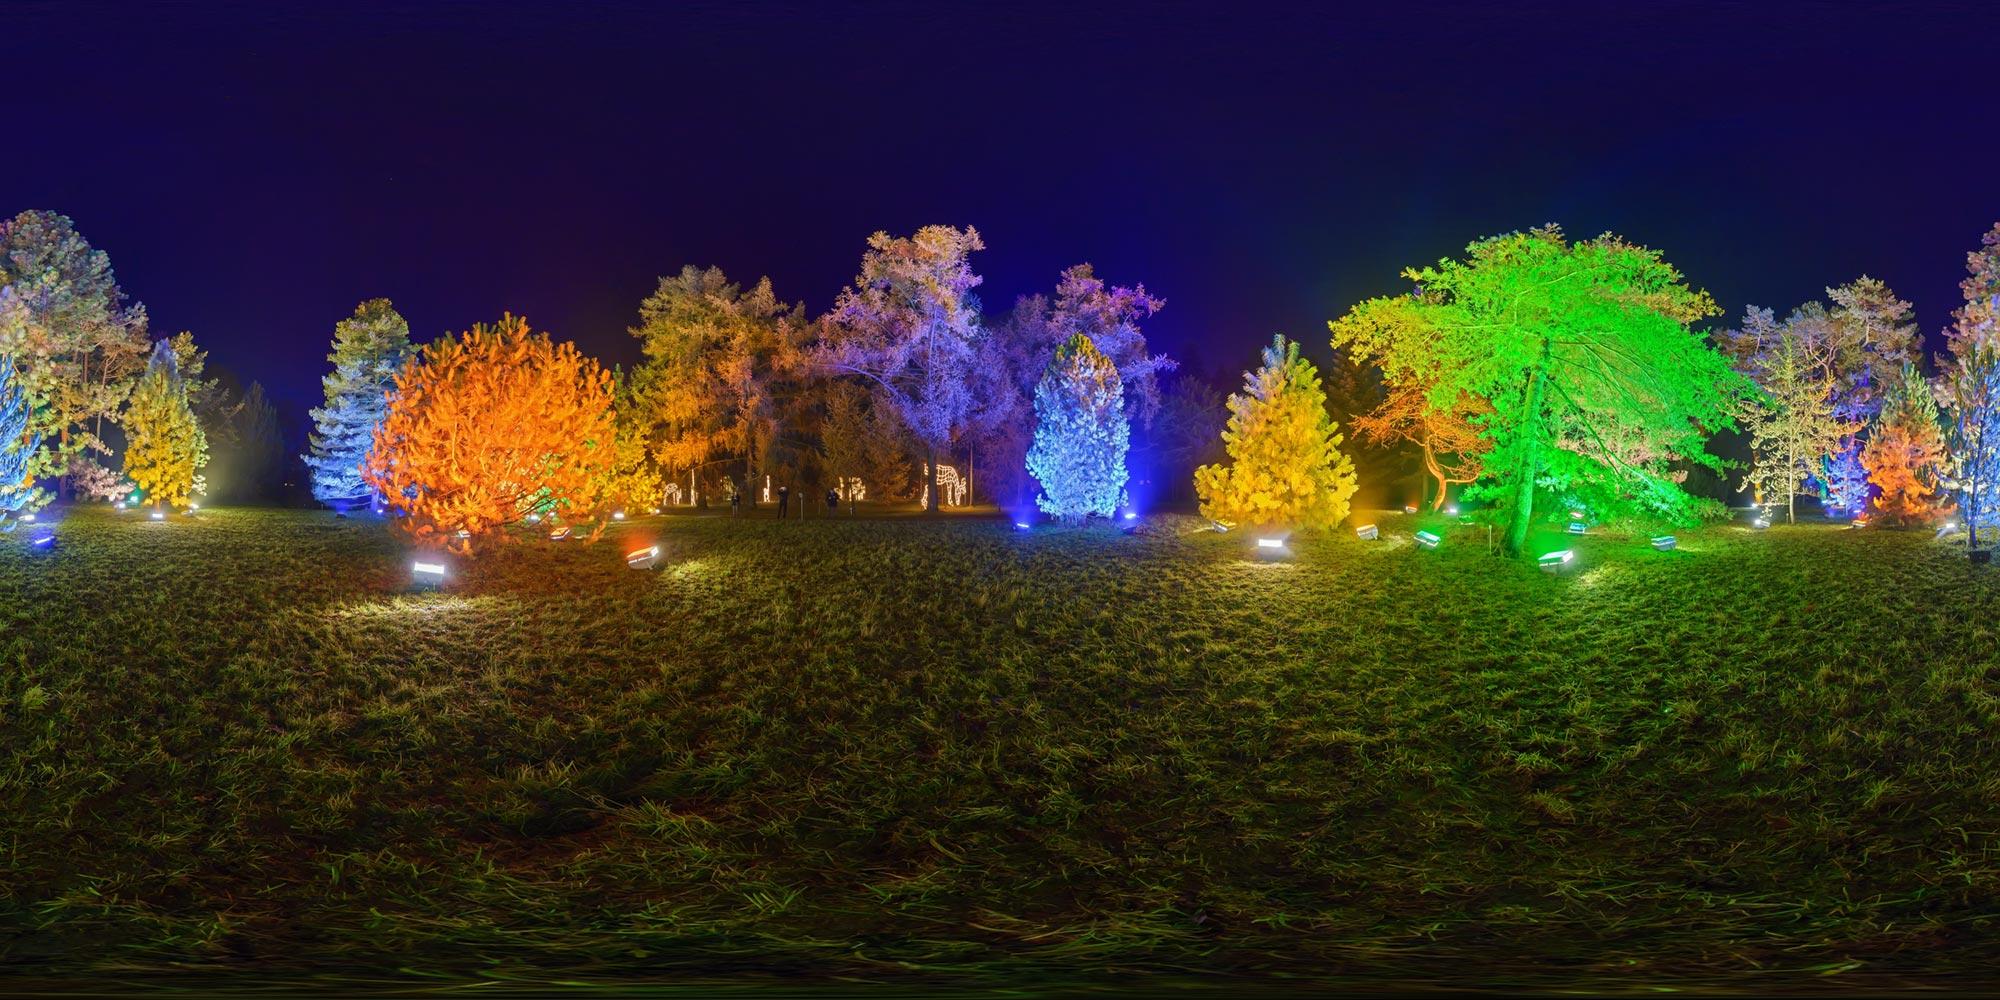 Christmas Garden Botanischer Garten javichallengeub